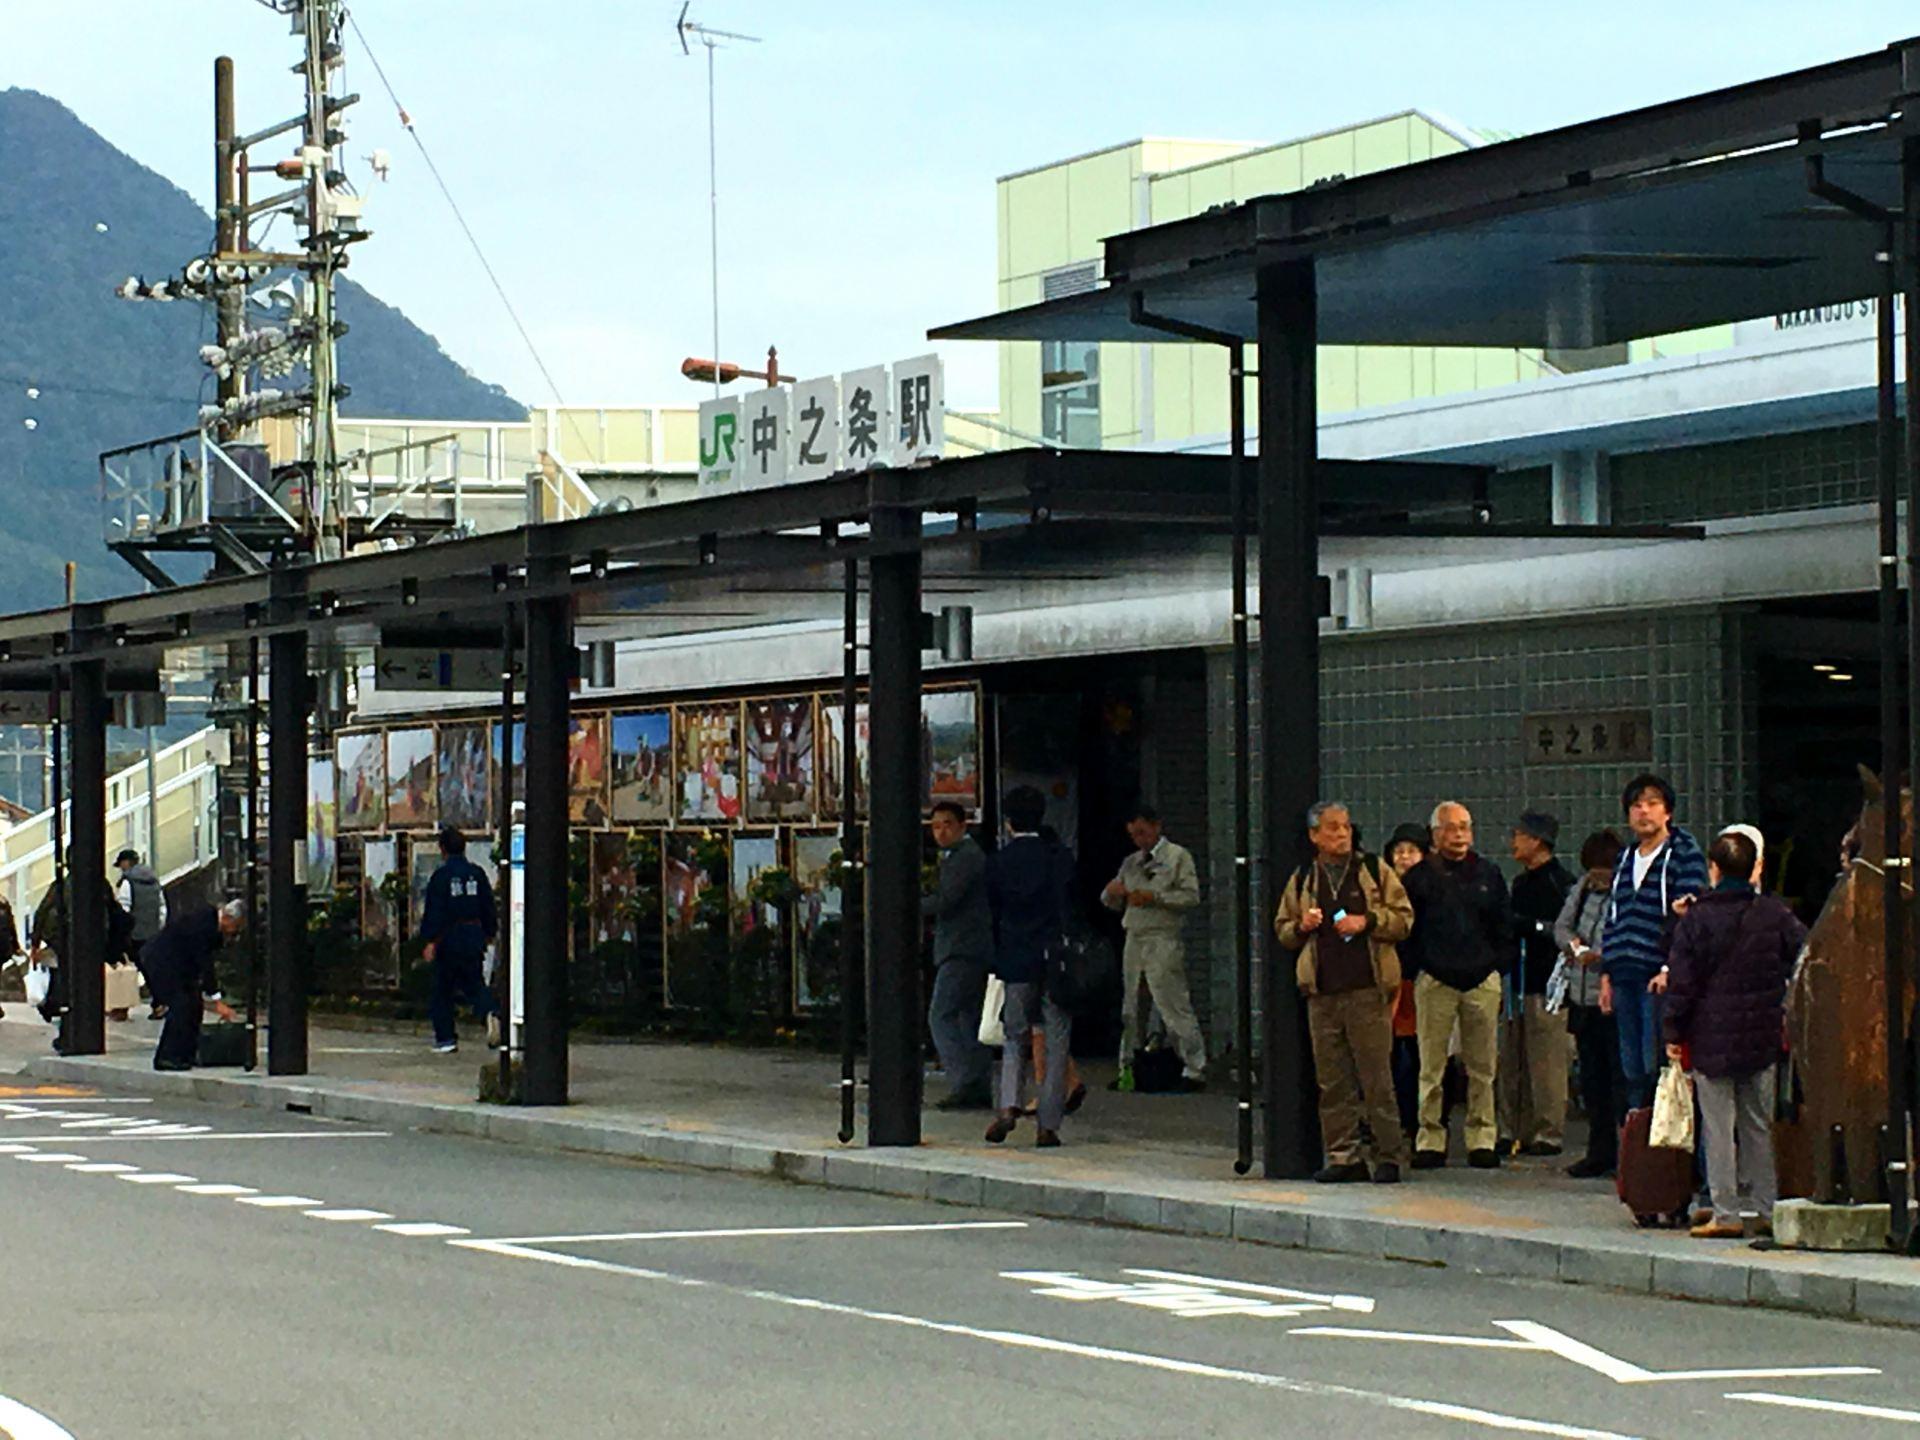 Nakanojo Station